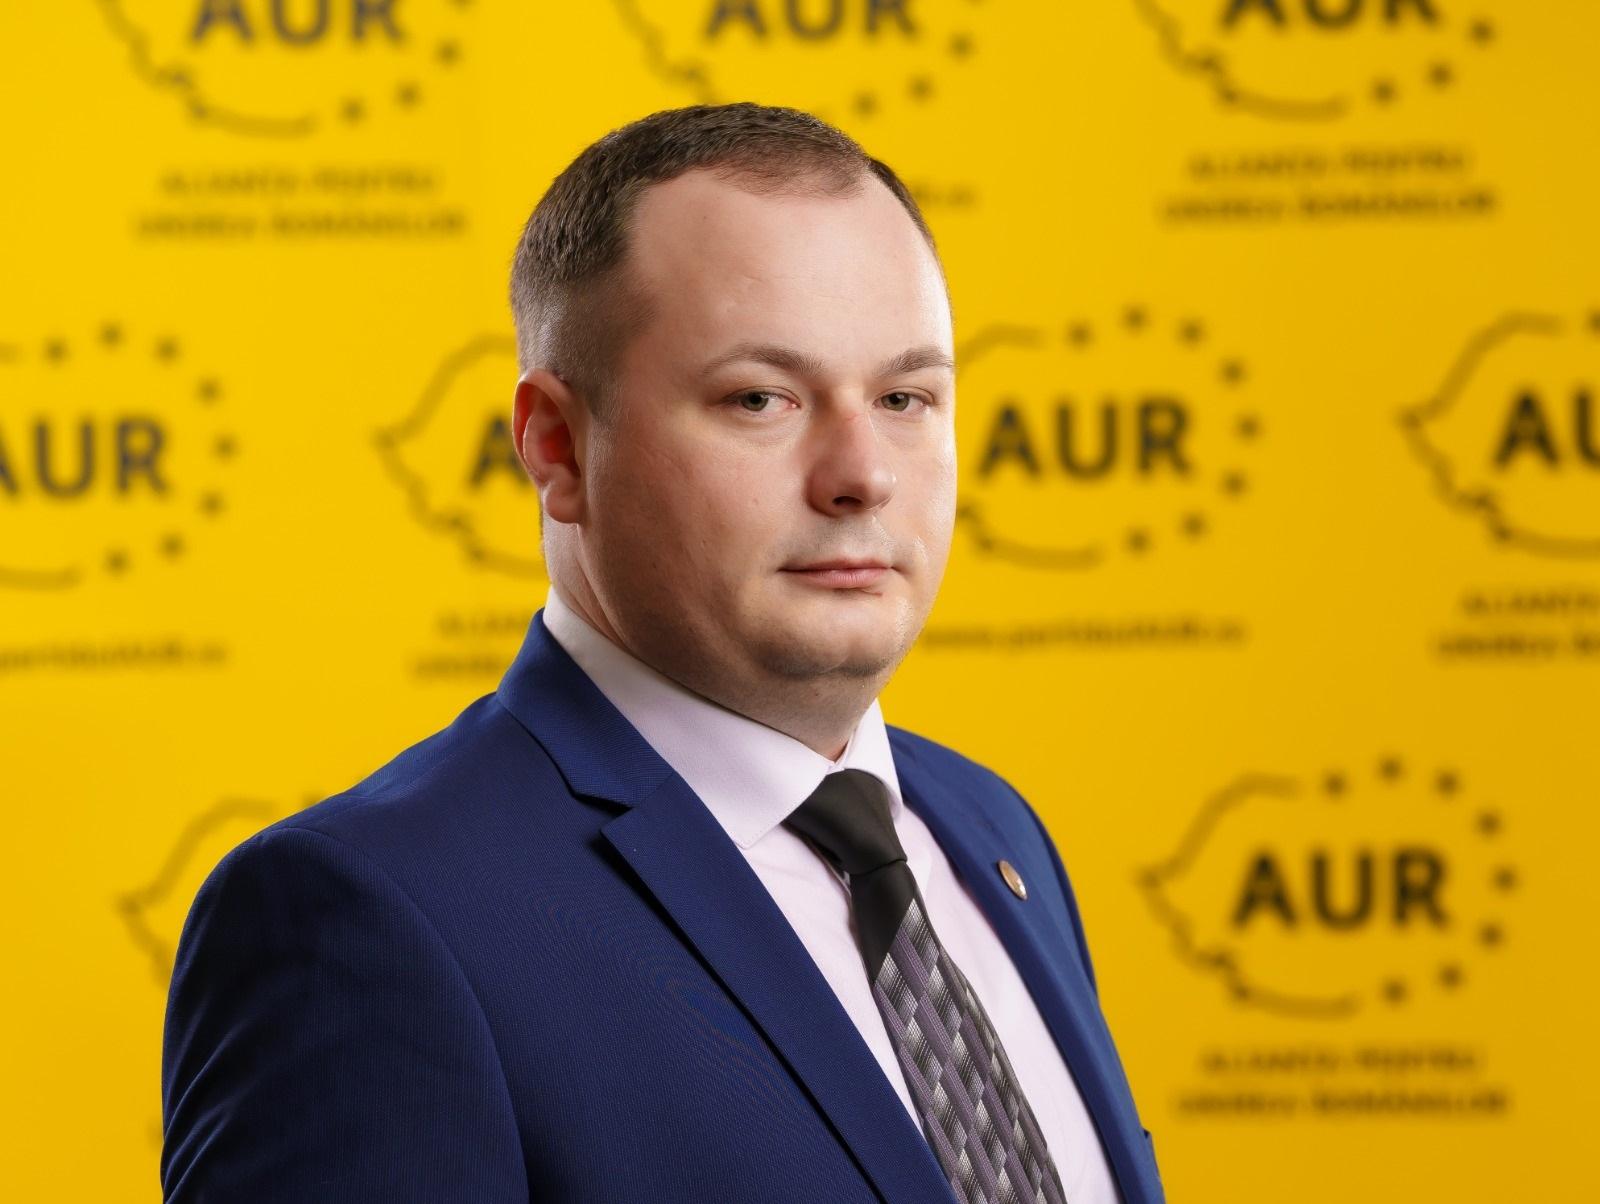 Vasile Nagy: Dreptul la liberă circulație nu poate fi condiționat de certificatul de vaccinare – 60m.ro